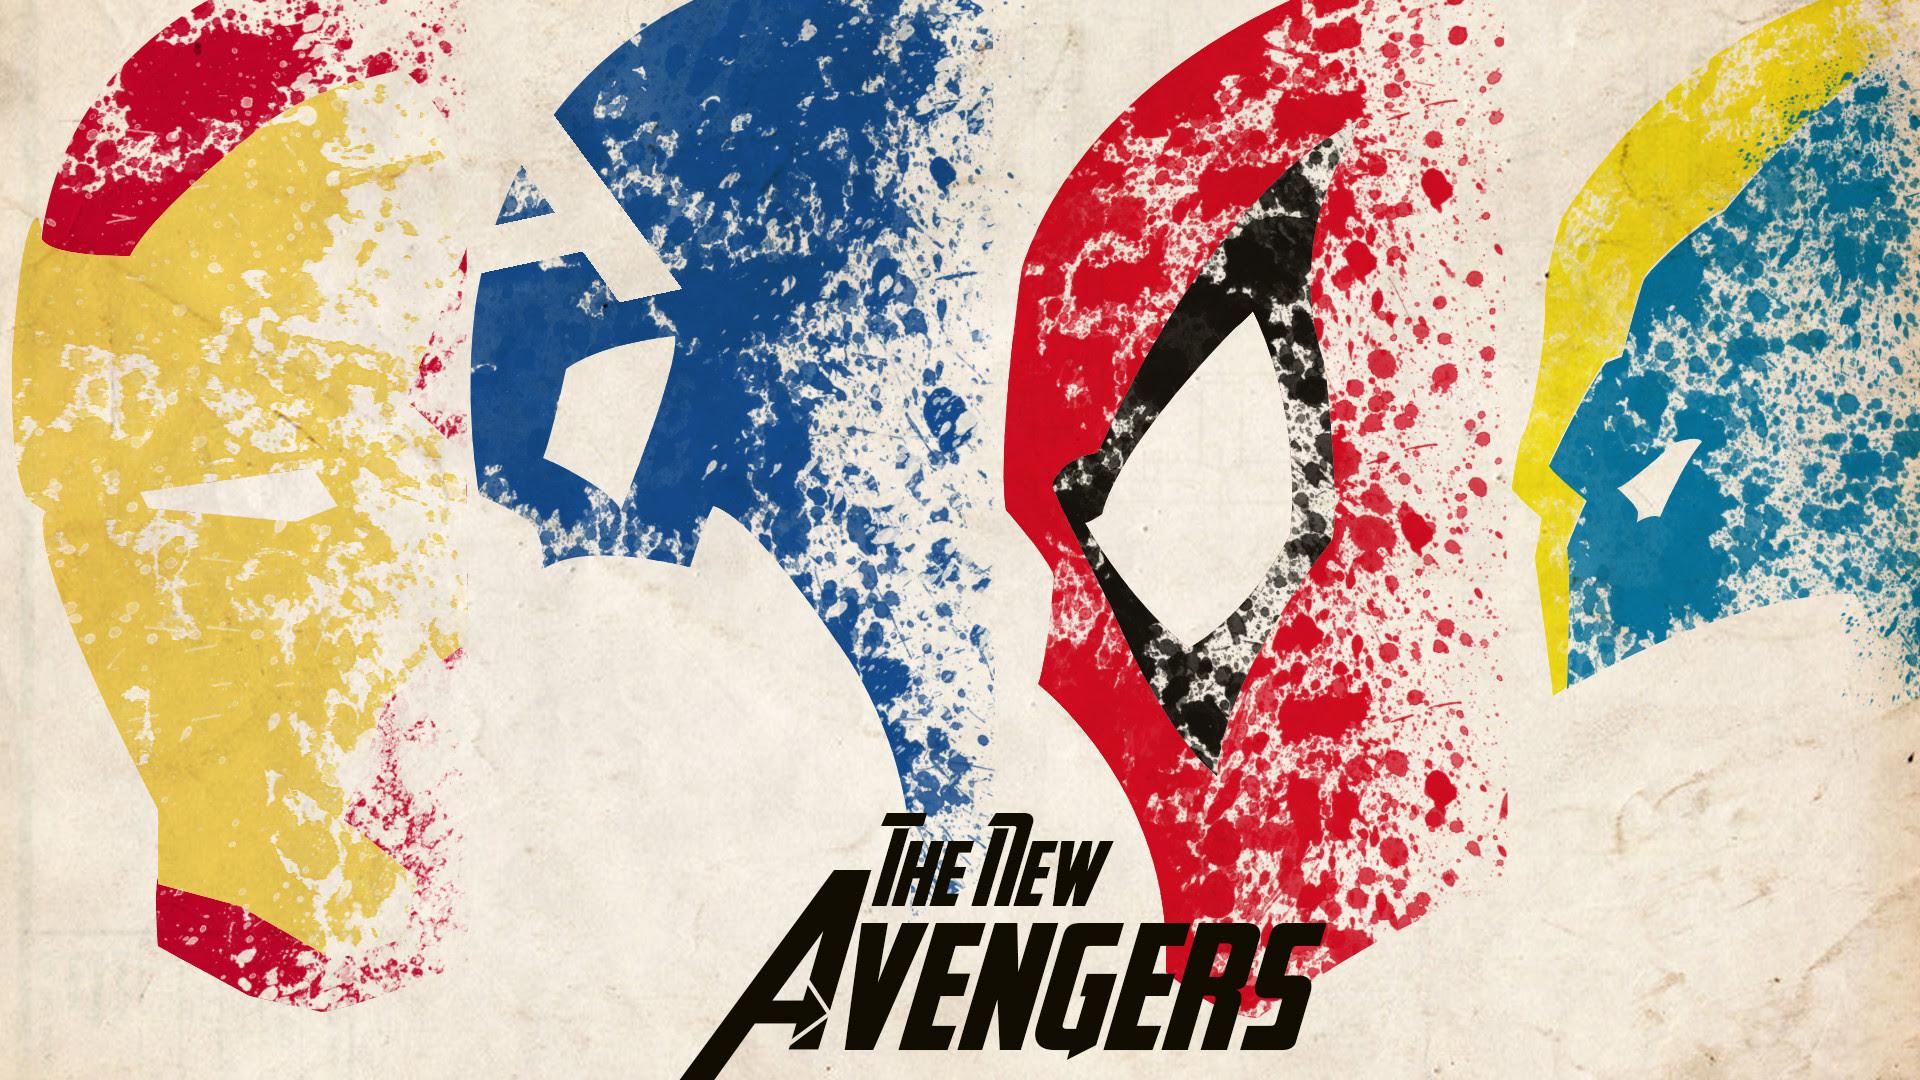 The New Avengers 1920x1080 Wallpaper